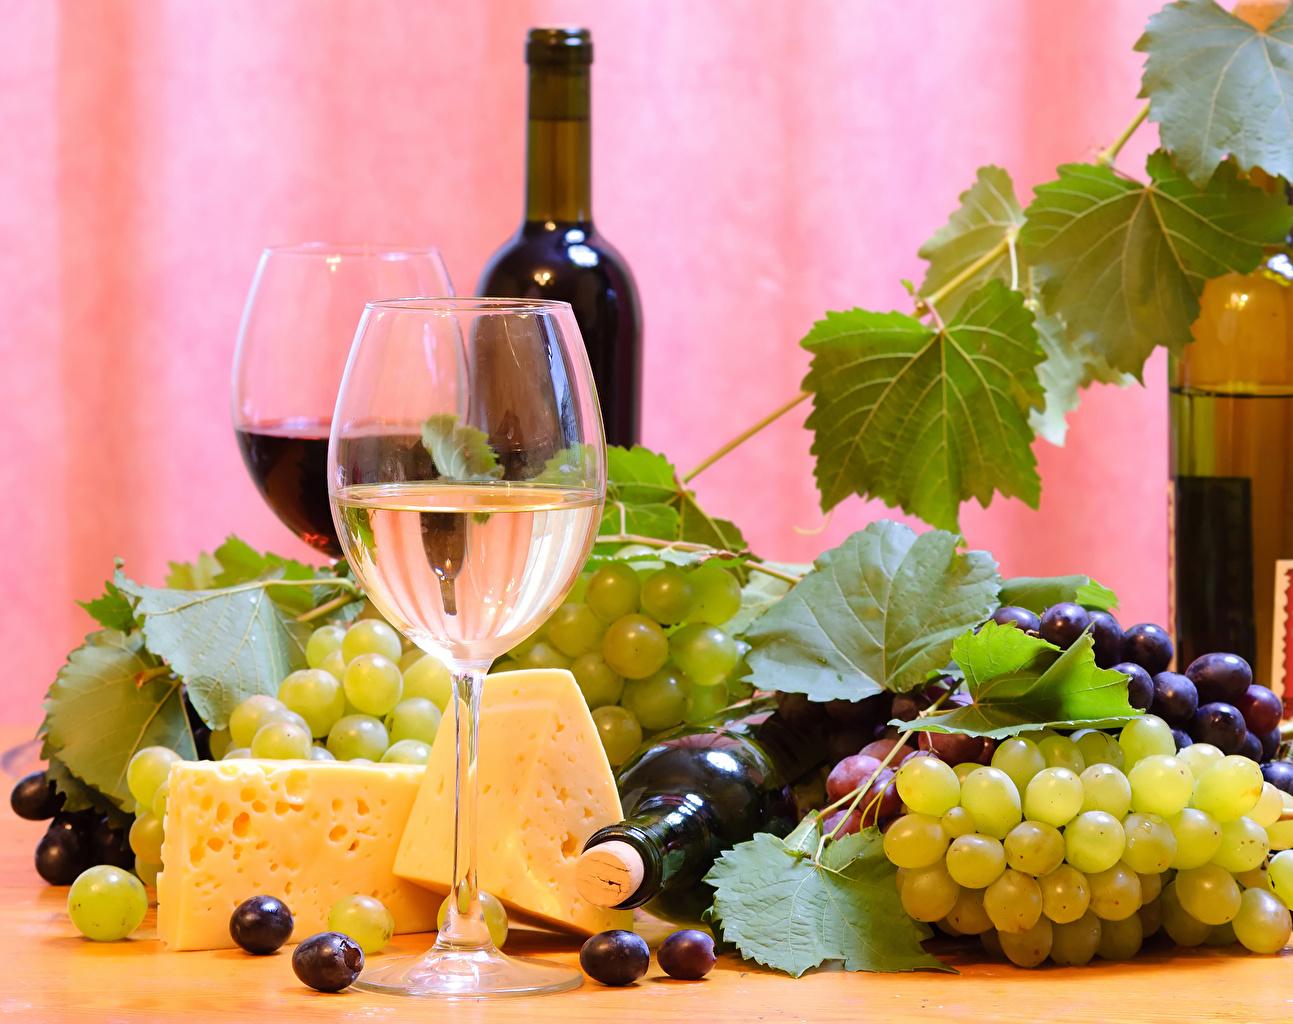 Обои Вино Сыры Виноград Бокалы Бутылка Продукты питания Натюрморт Еда Пища бокал бутылки